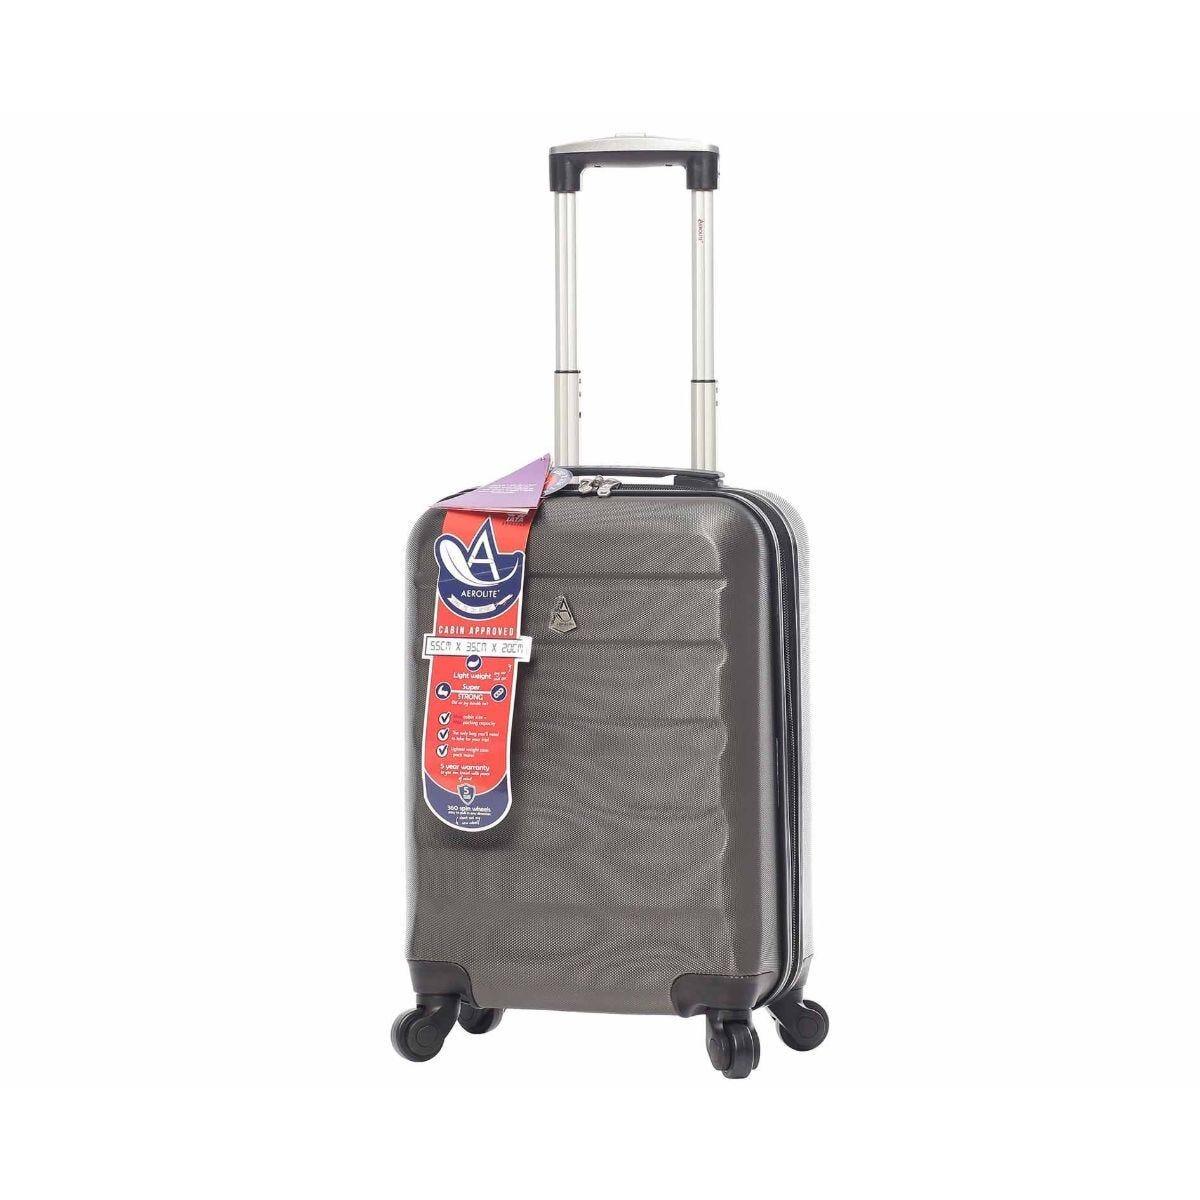 Aerolite Hardshell Cabin Luggage Case Charcoal